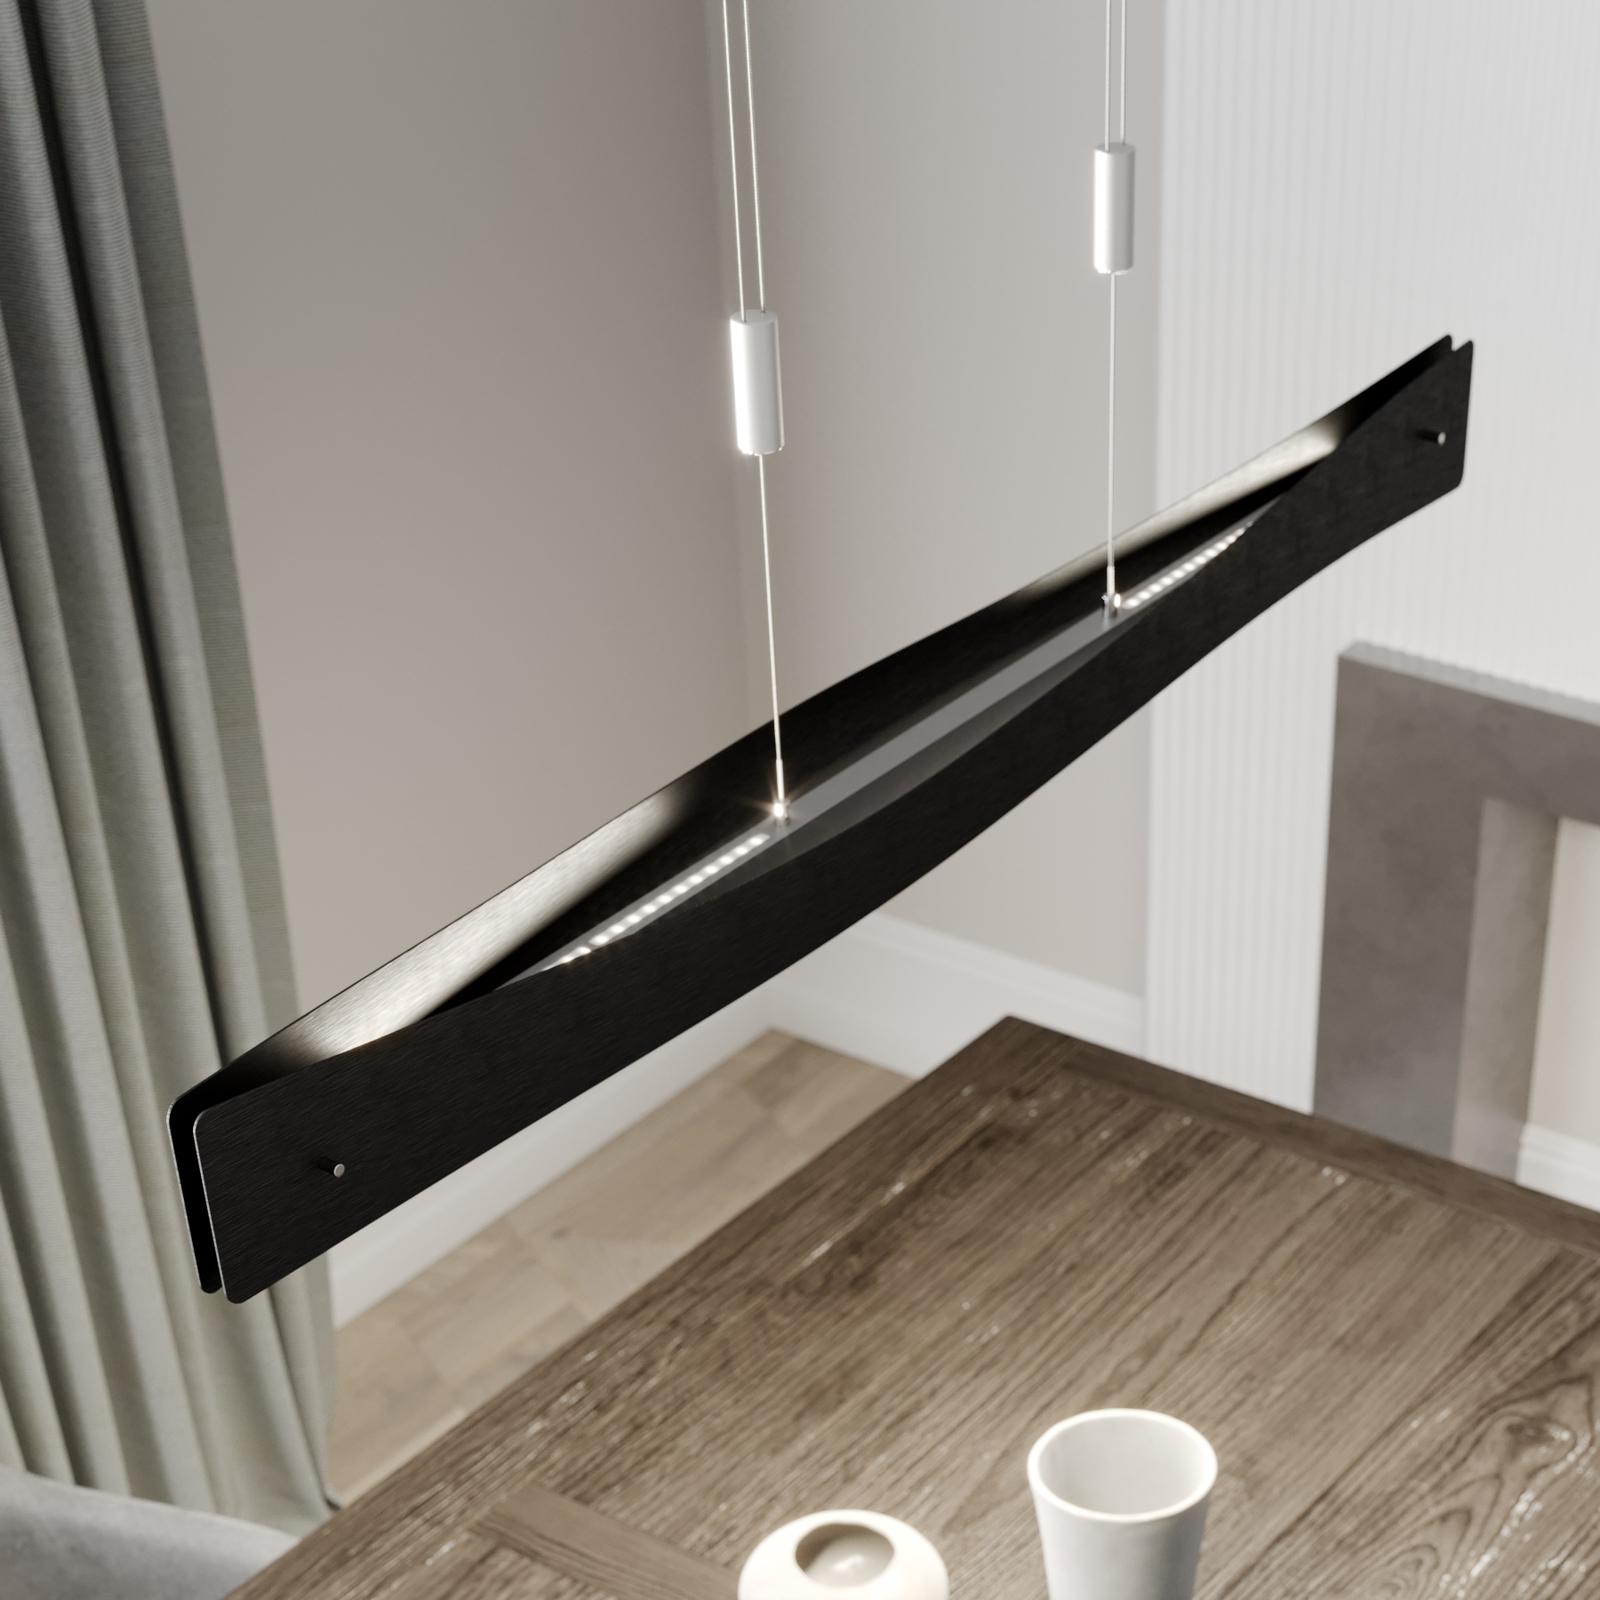 Lucande Lian LED-hengelampe, svart, aluminium